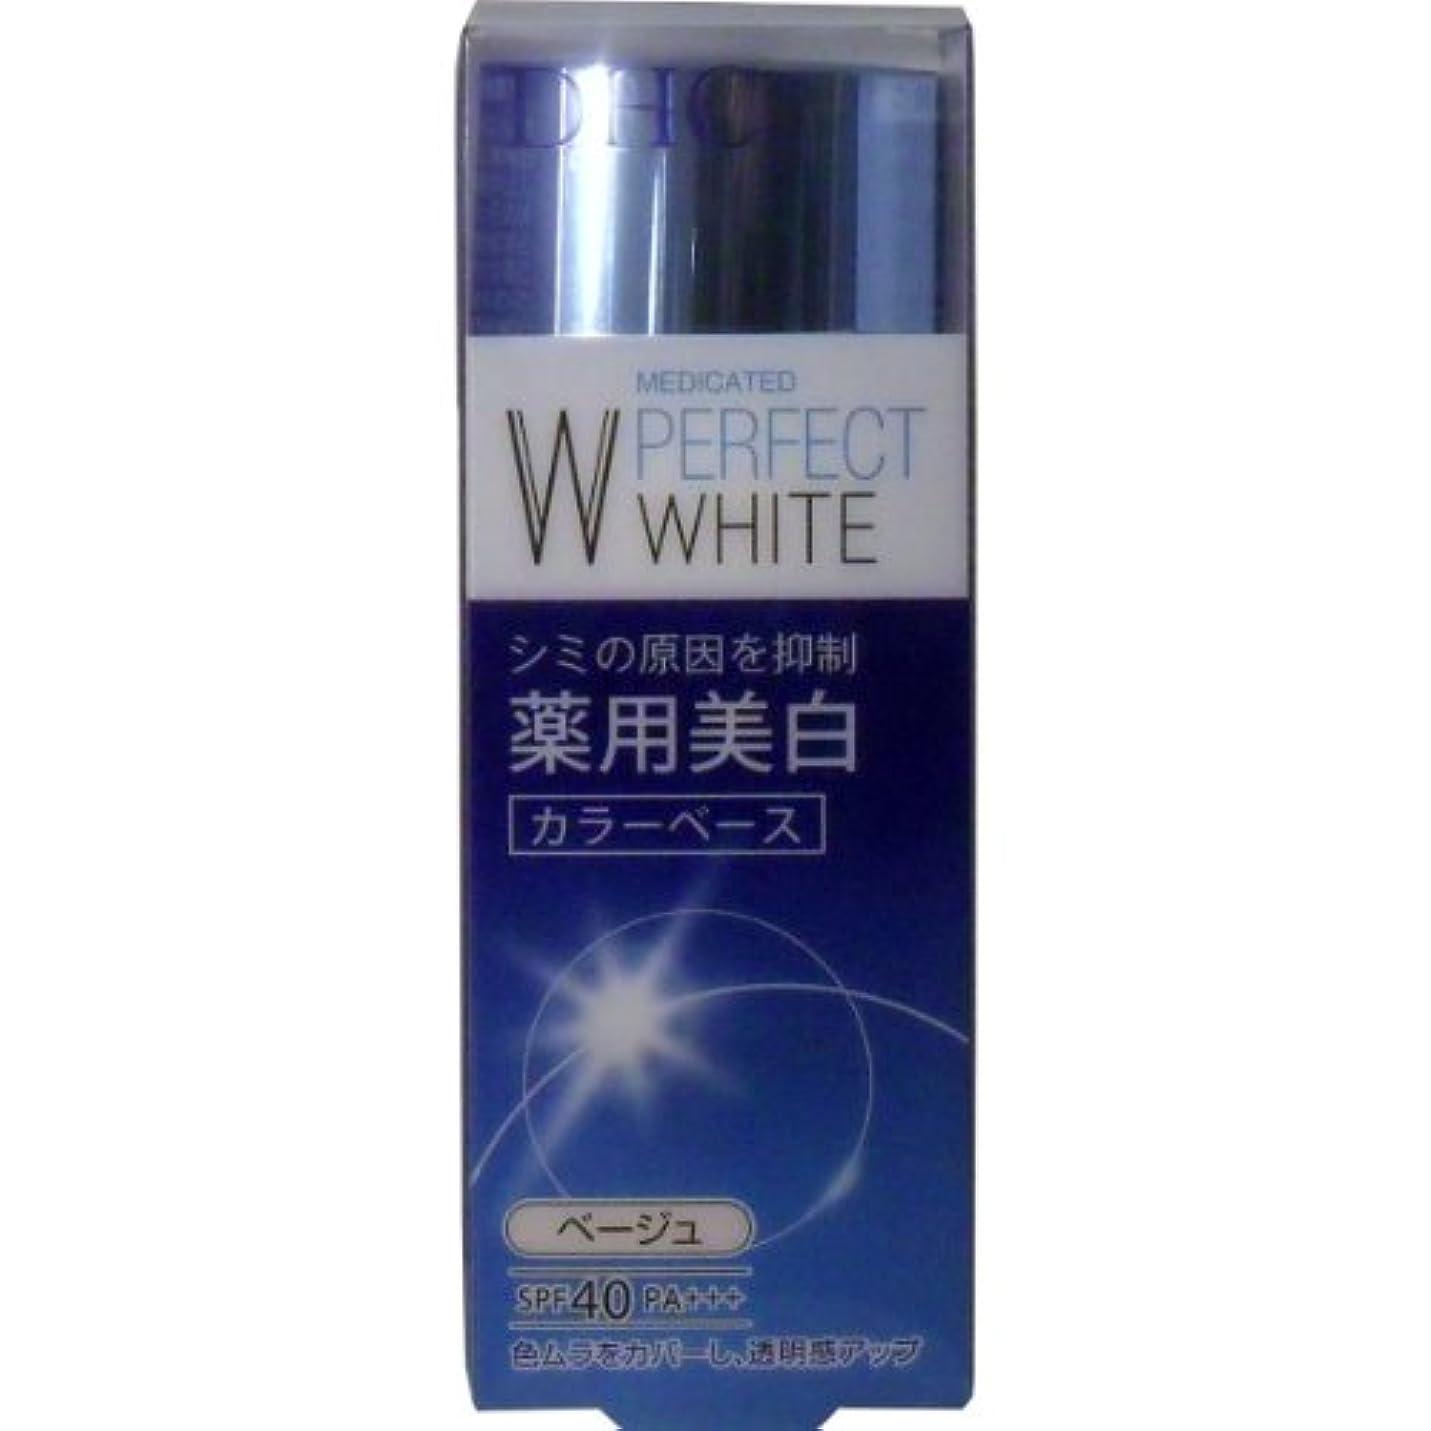 適度なくま石のDHC 薬用美白パーフェクトホワイト カラーベース ベージュ 30g (商品内訳:単品1個)